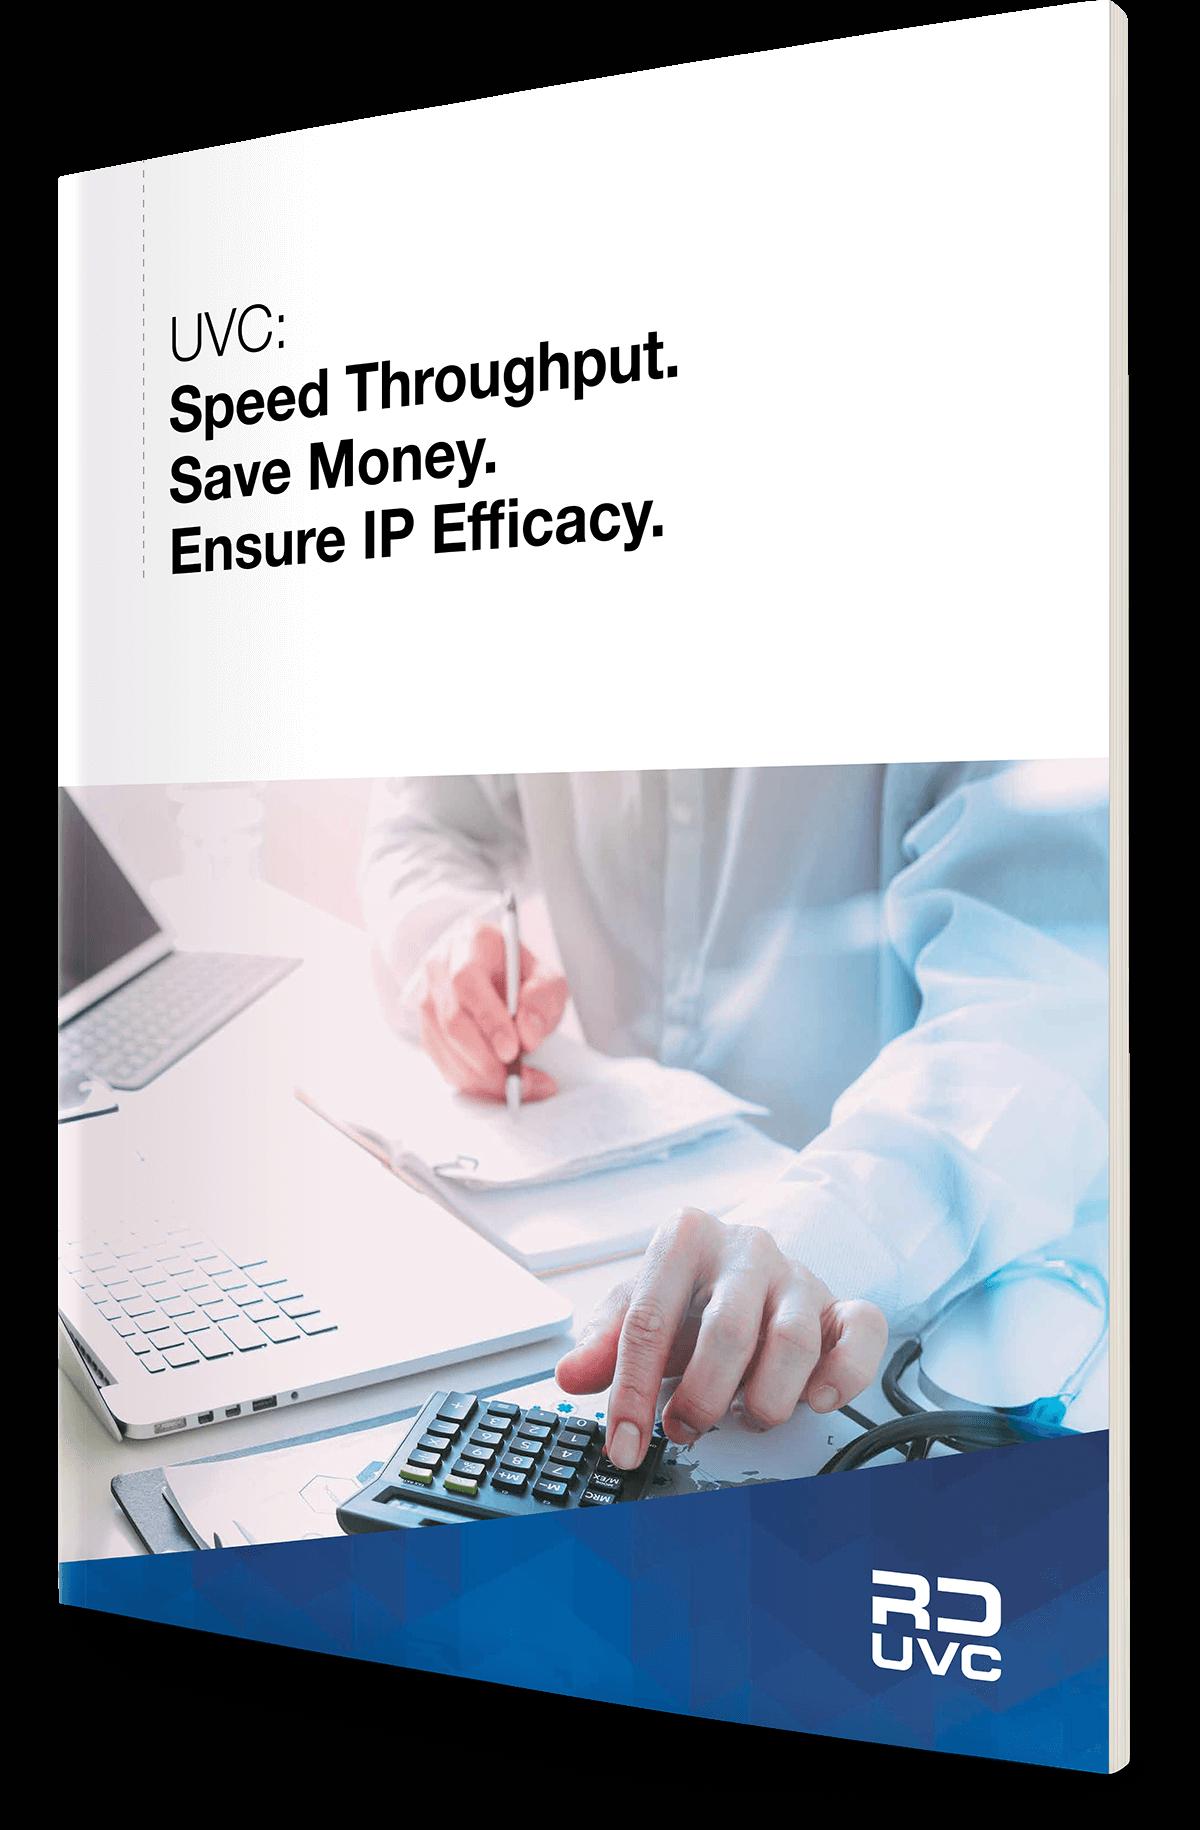 Speed Throughput Save Money